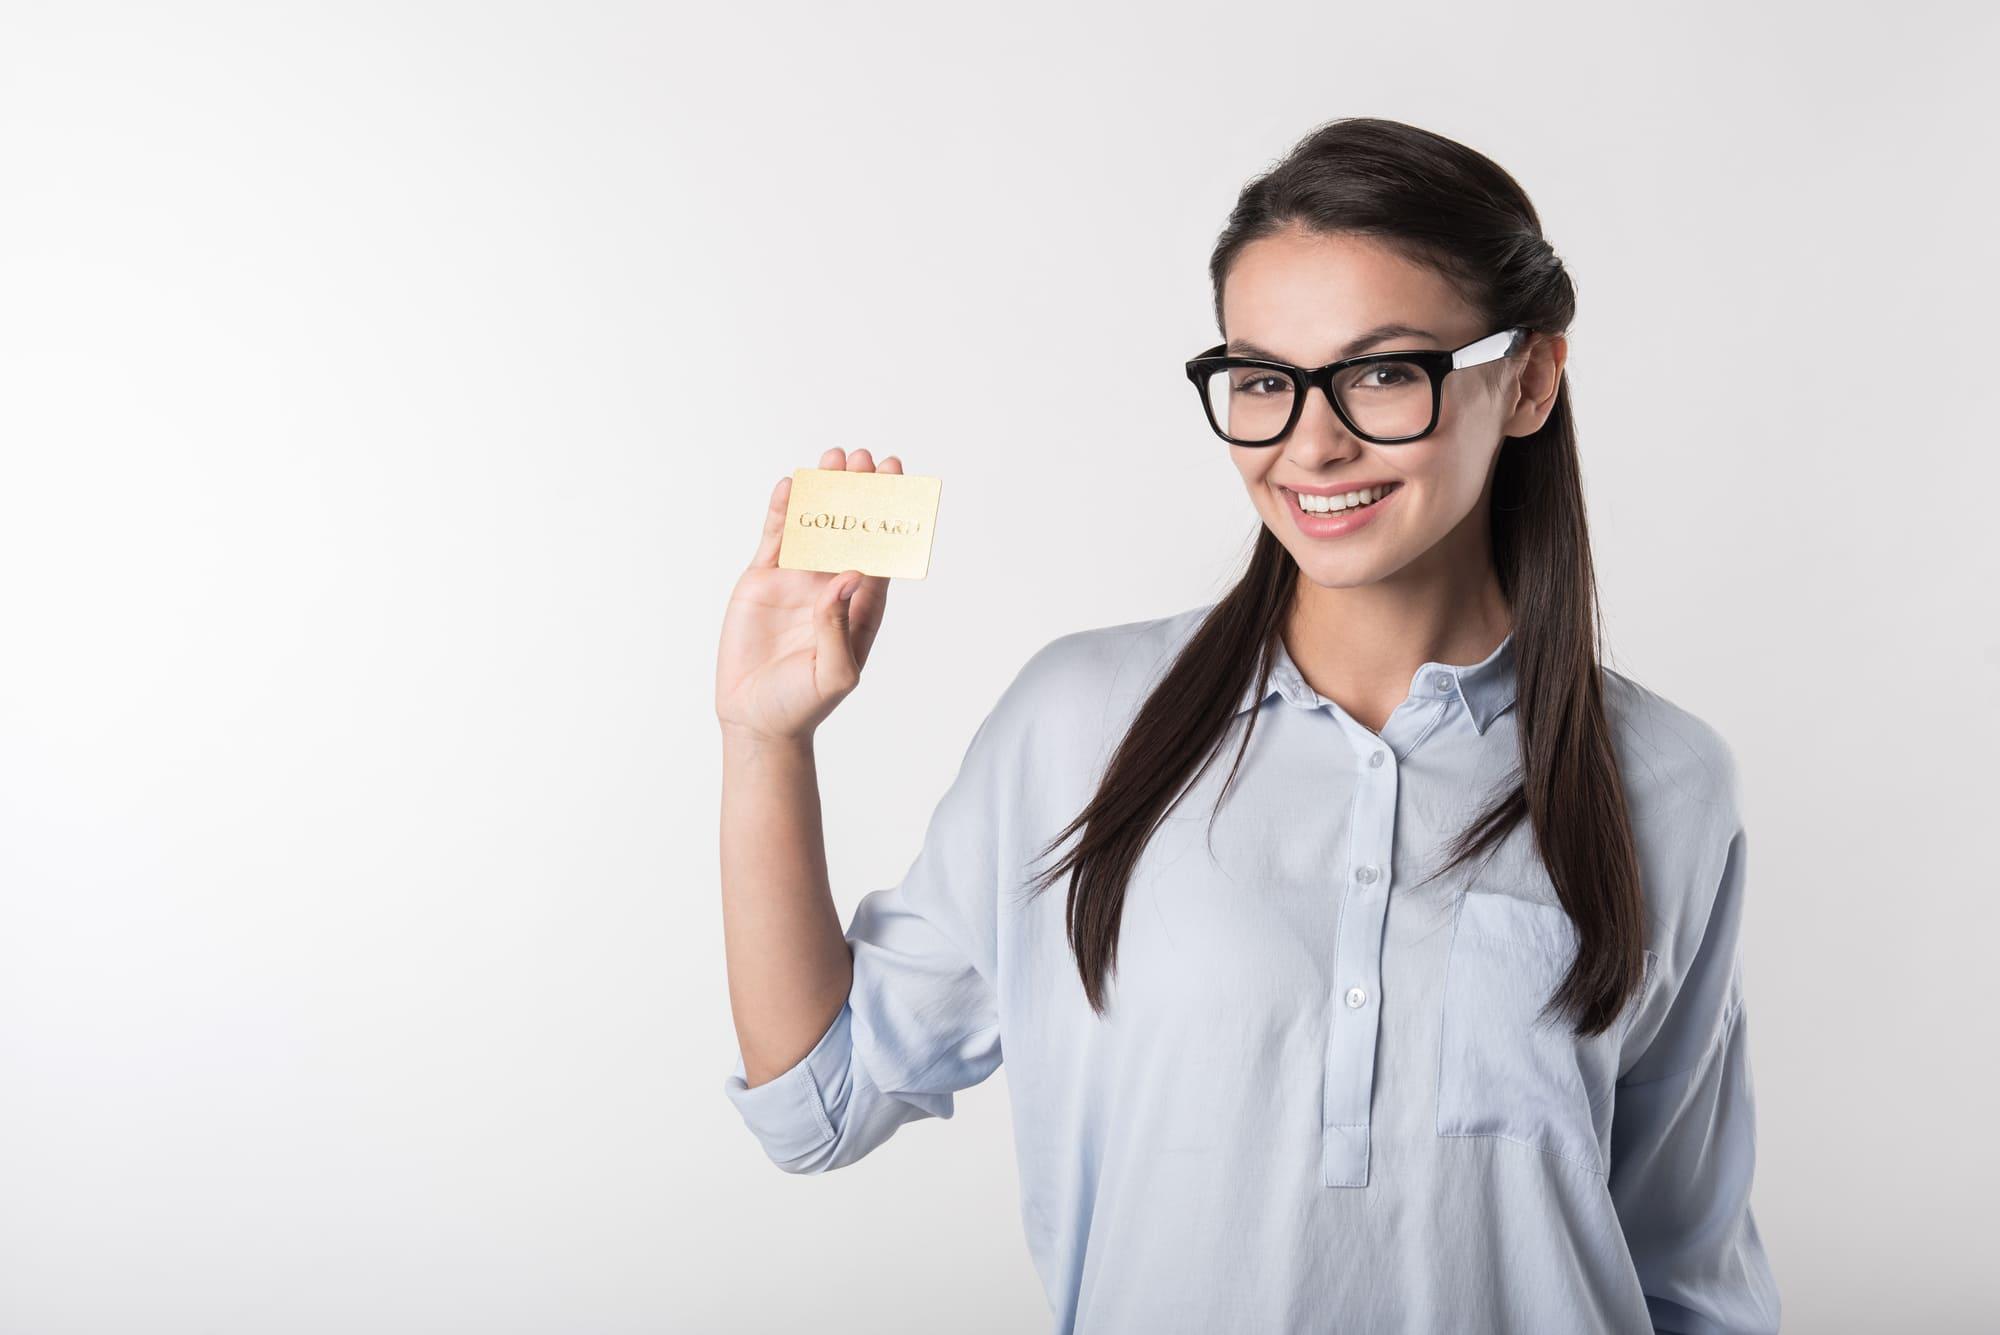 オリコの人気法人カード!Ex Gold for Bizの審査と通過するコツを徹底解説